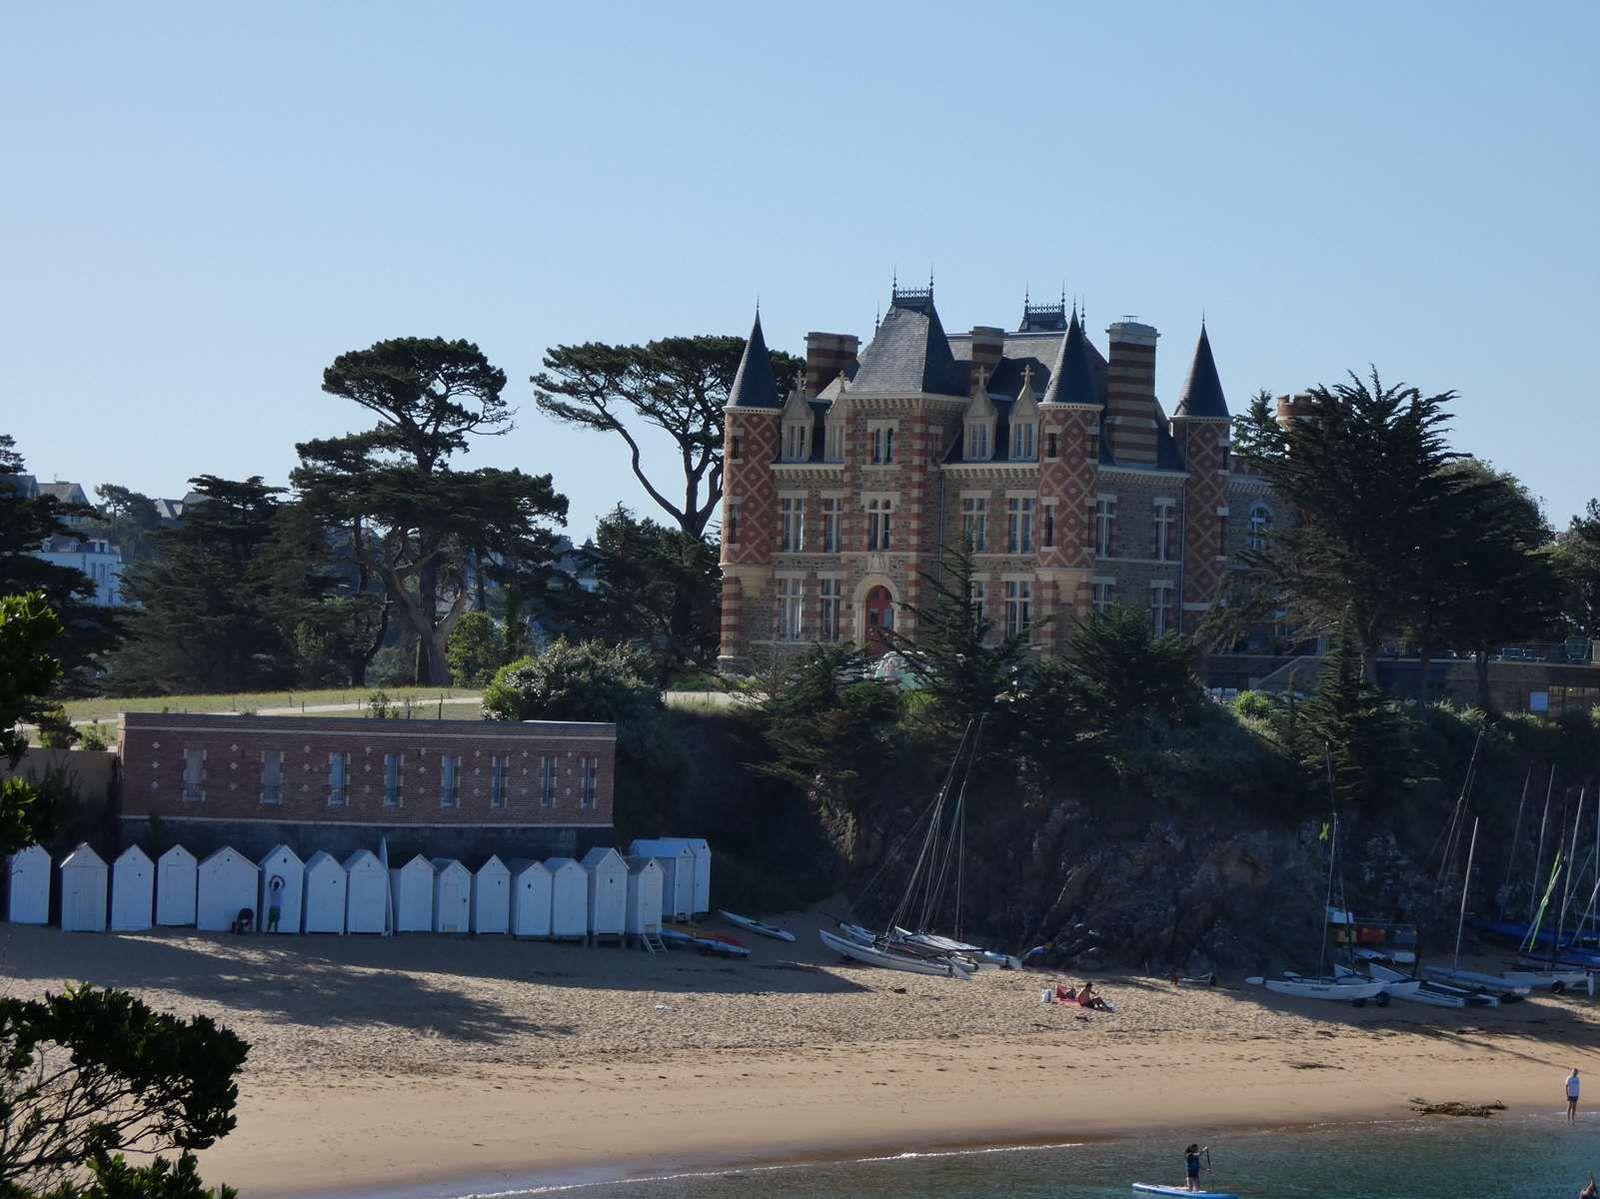 De la plage de Lonchamp au château du Nessay